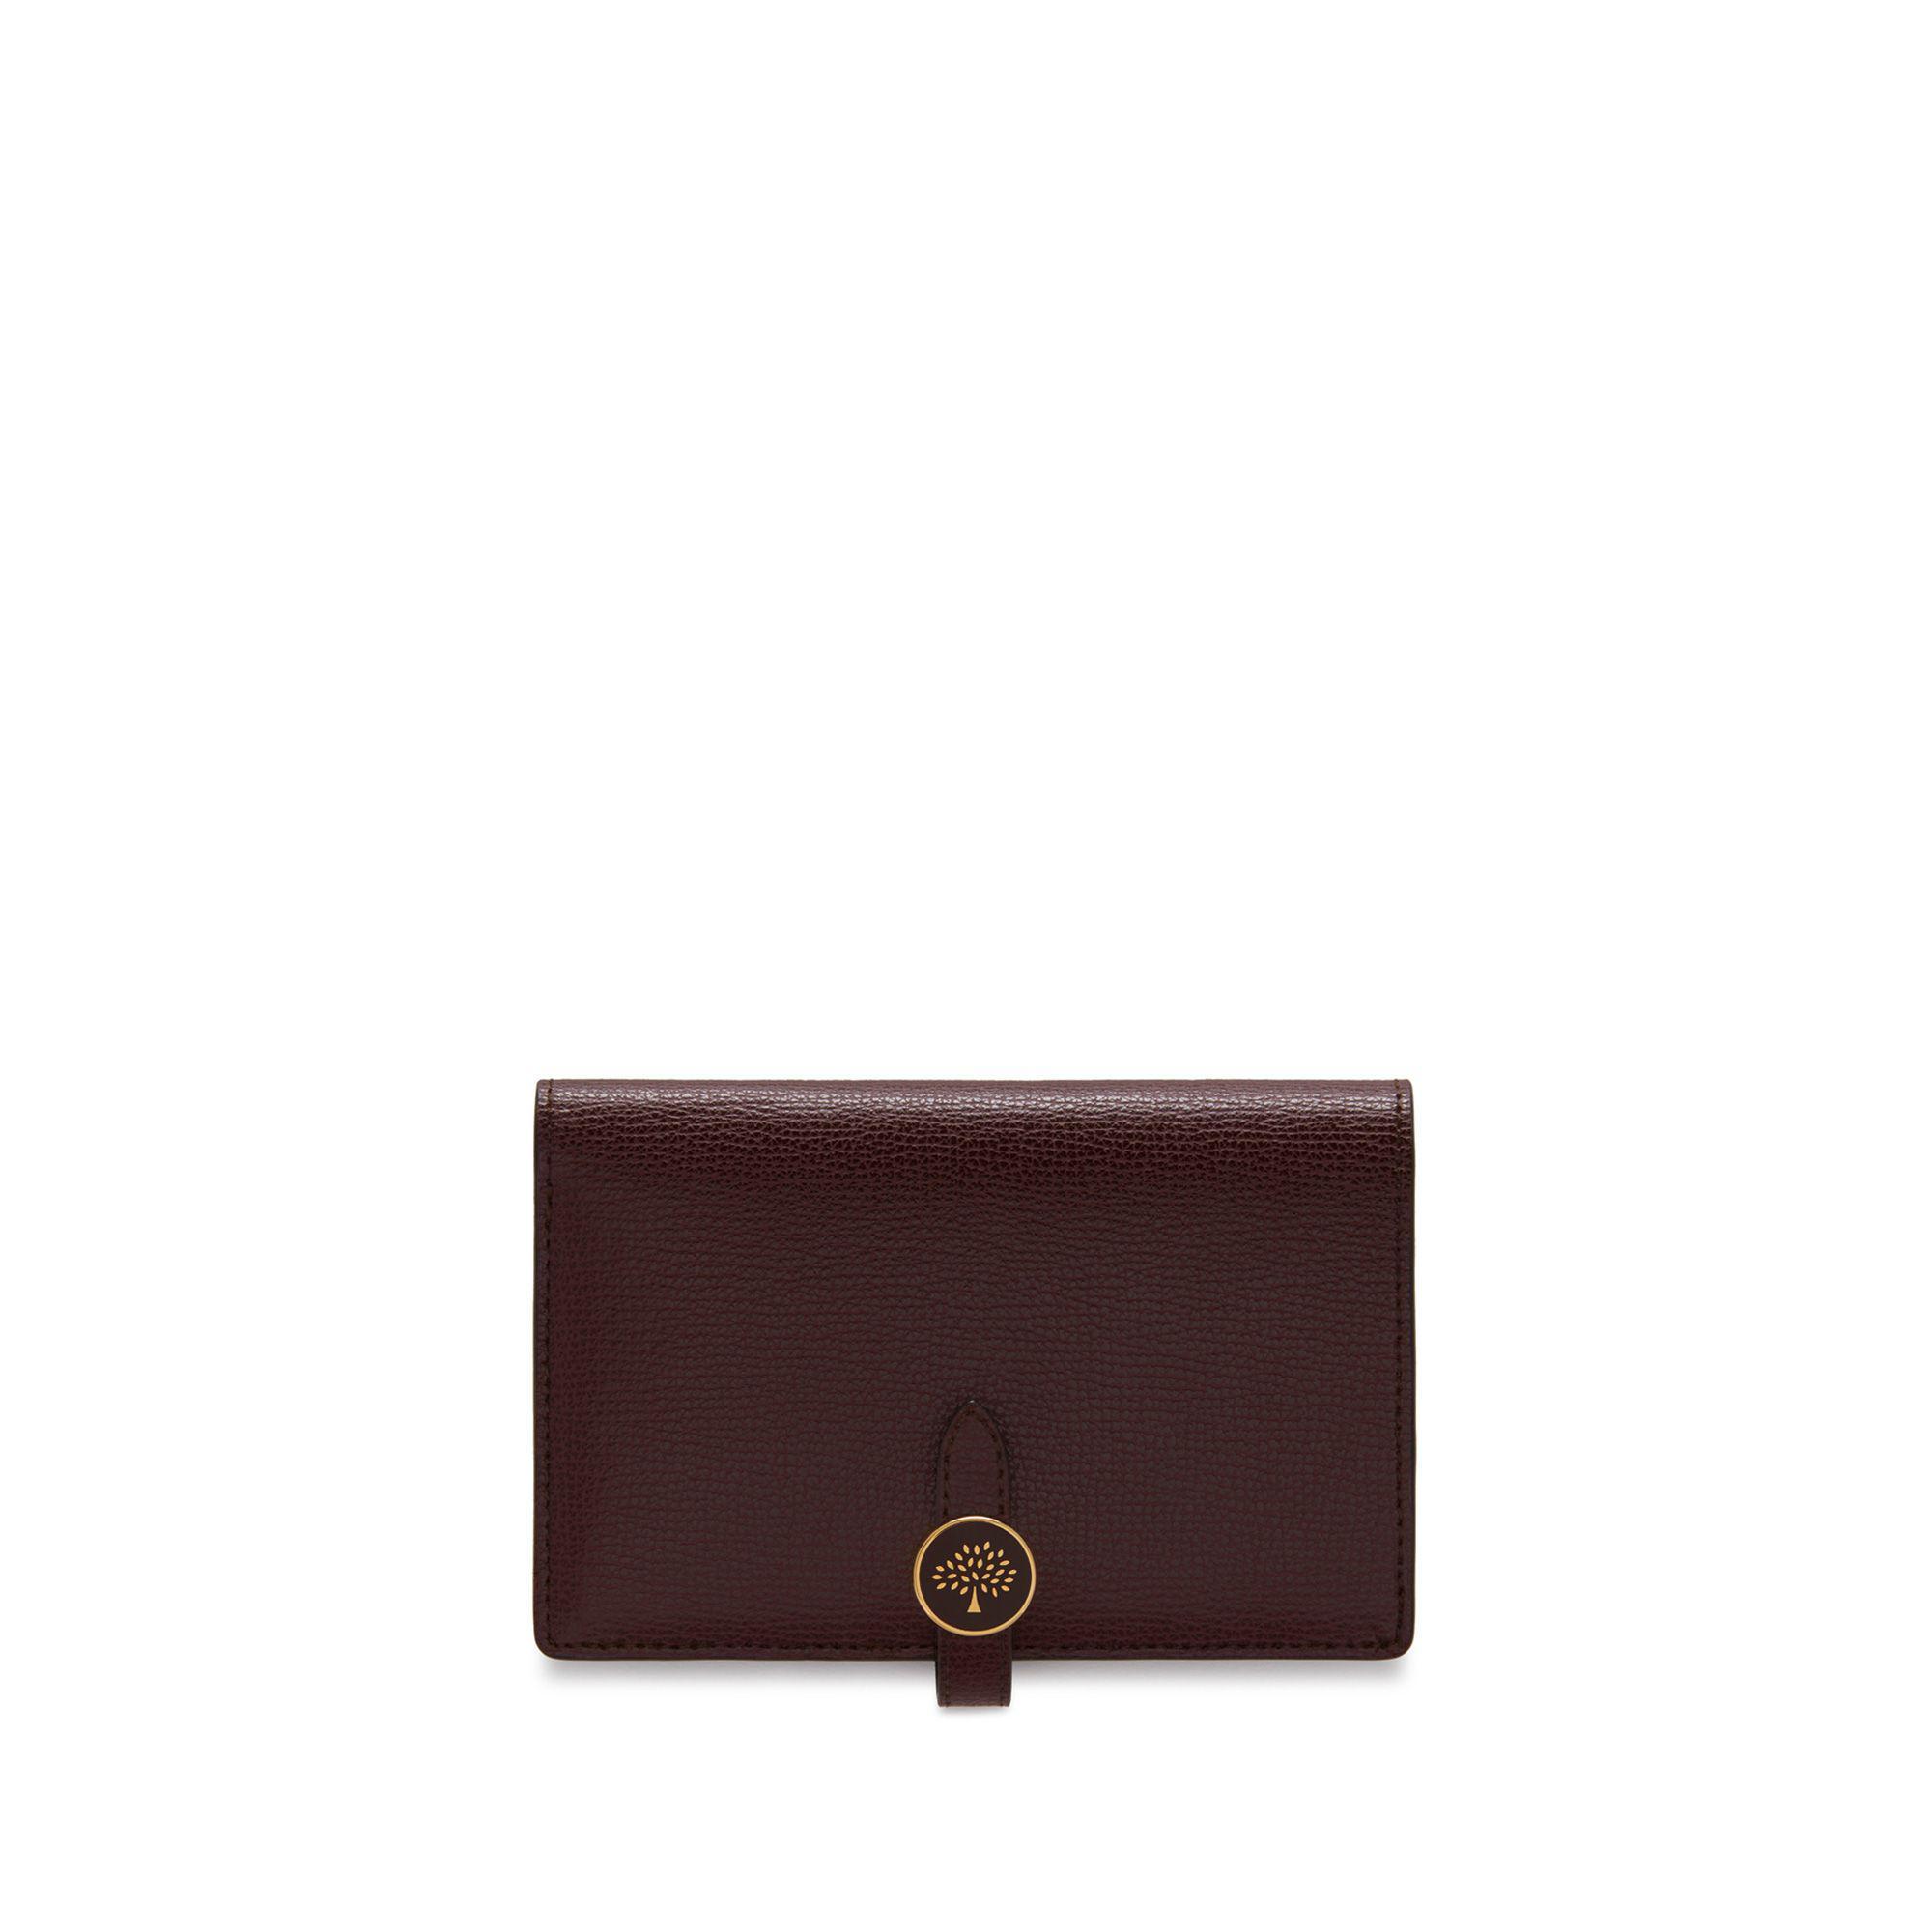 be1b77bedf Mulberry Tree Medium Wallet In Oxblood Cross Grain Leather in Purple ...